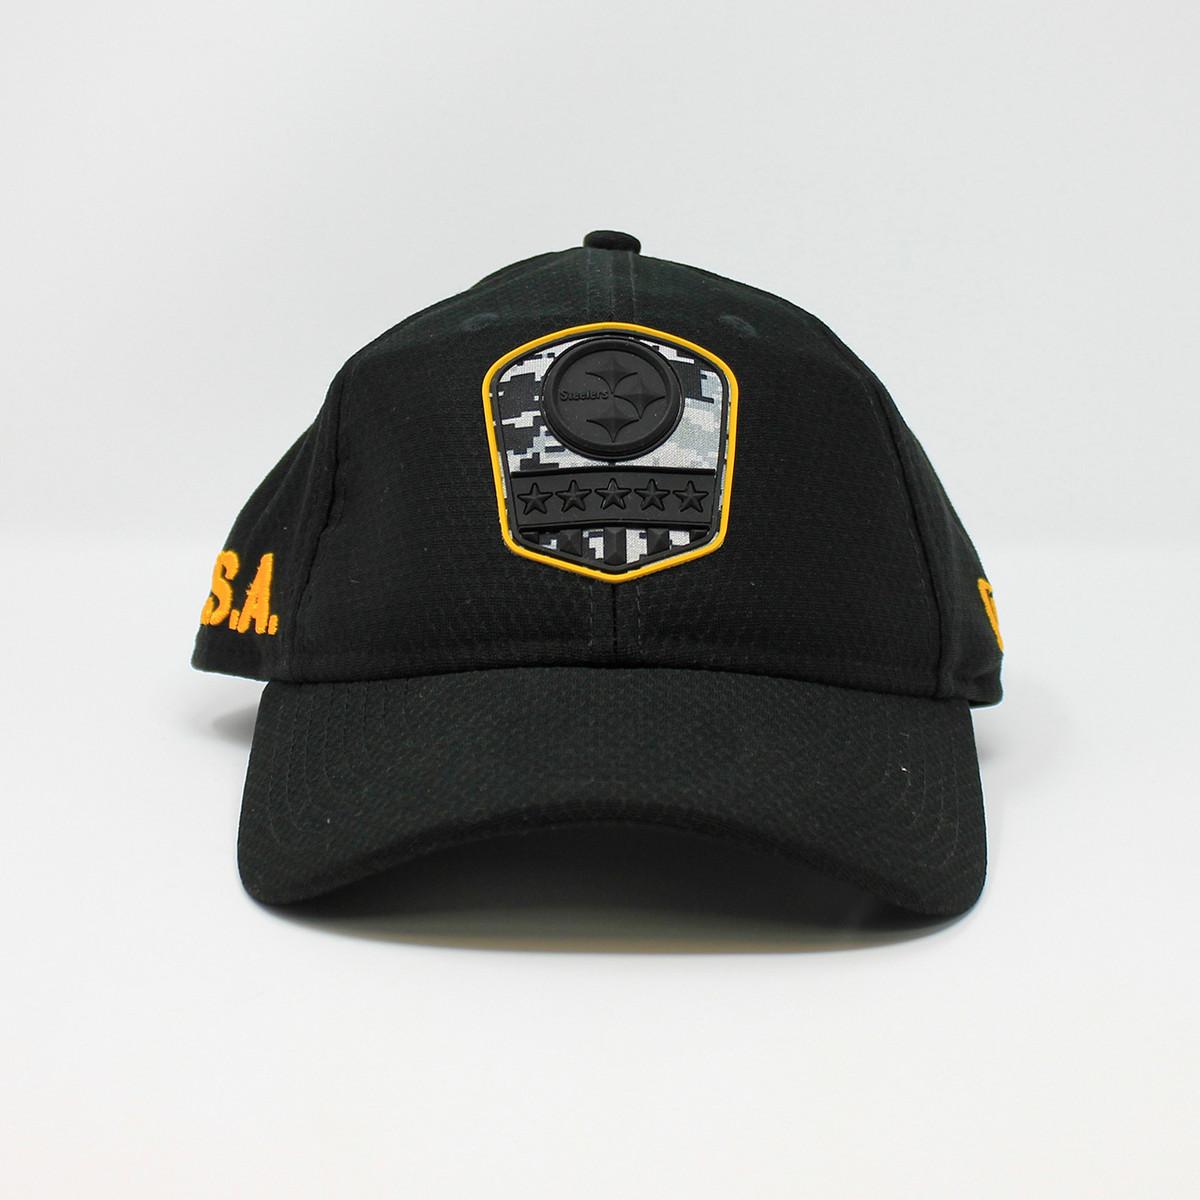 New Era 9Twenty USA Steelers Logo Black